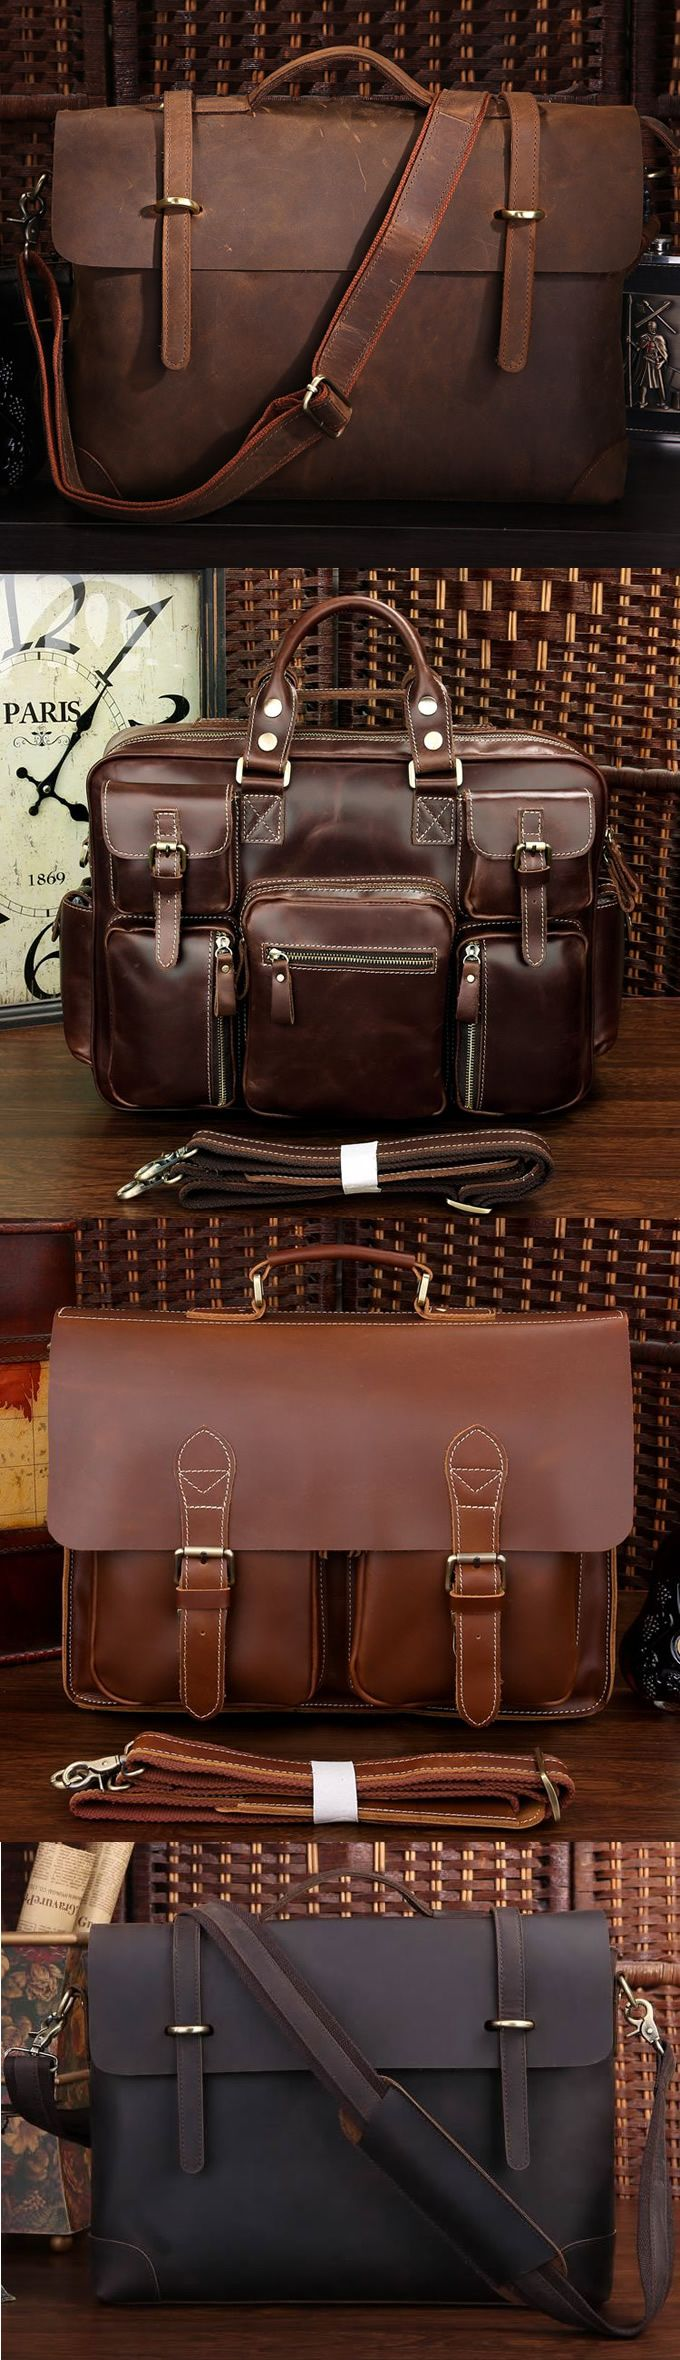 and clothes online shopping Handmade Vintage Leather Briefcase   Messenger Bag   Satchel   Backpack   Laptop Bag   Travel Bag  Men  39 s Bag Women  39 s Bag